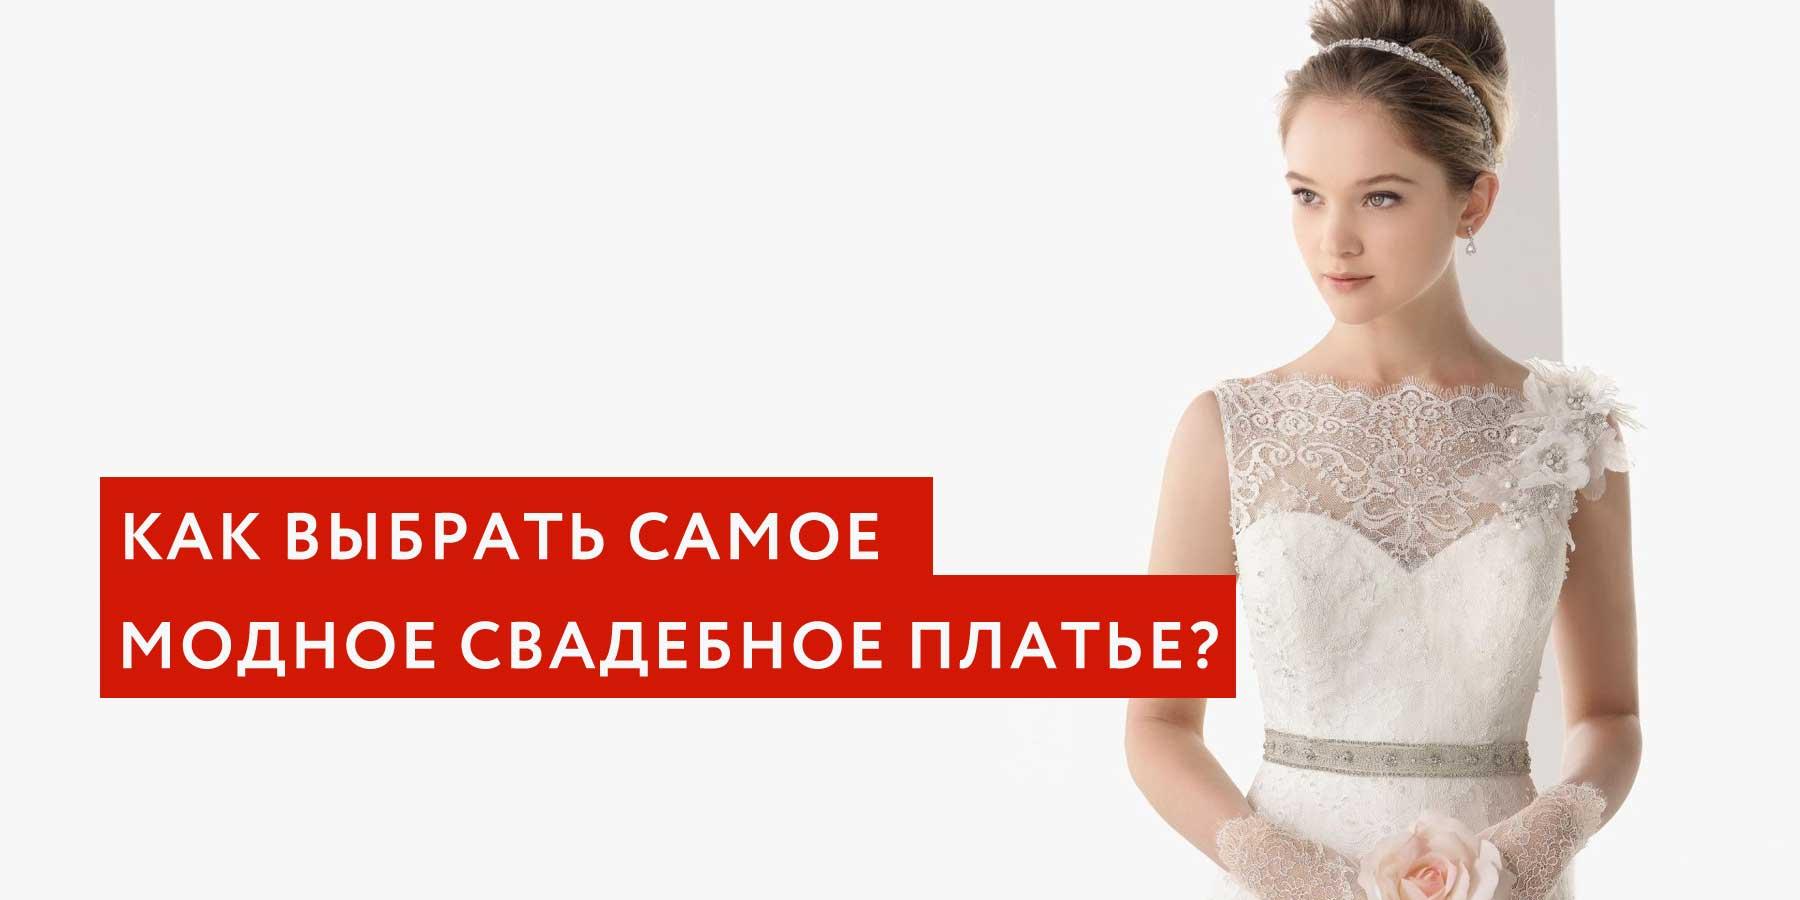 Как выбрать самое модное свадебное платье 2020?